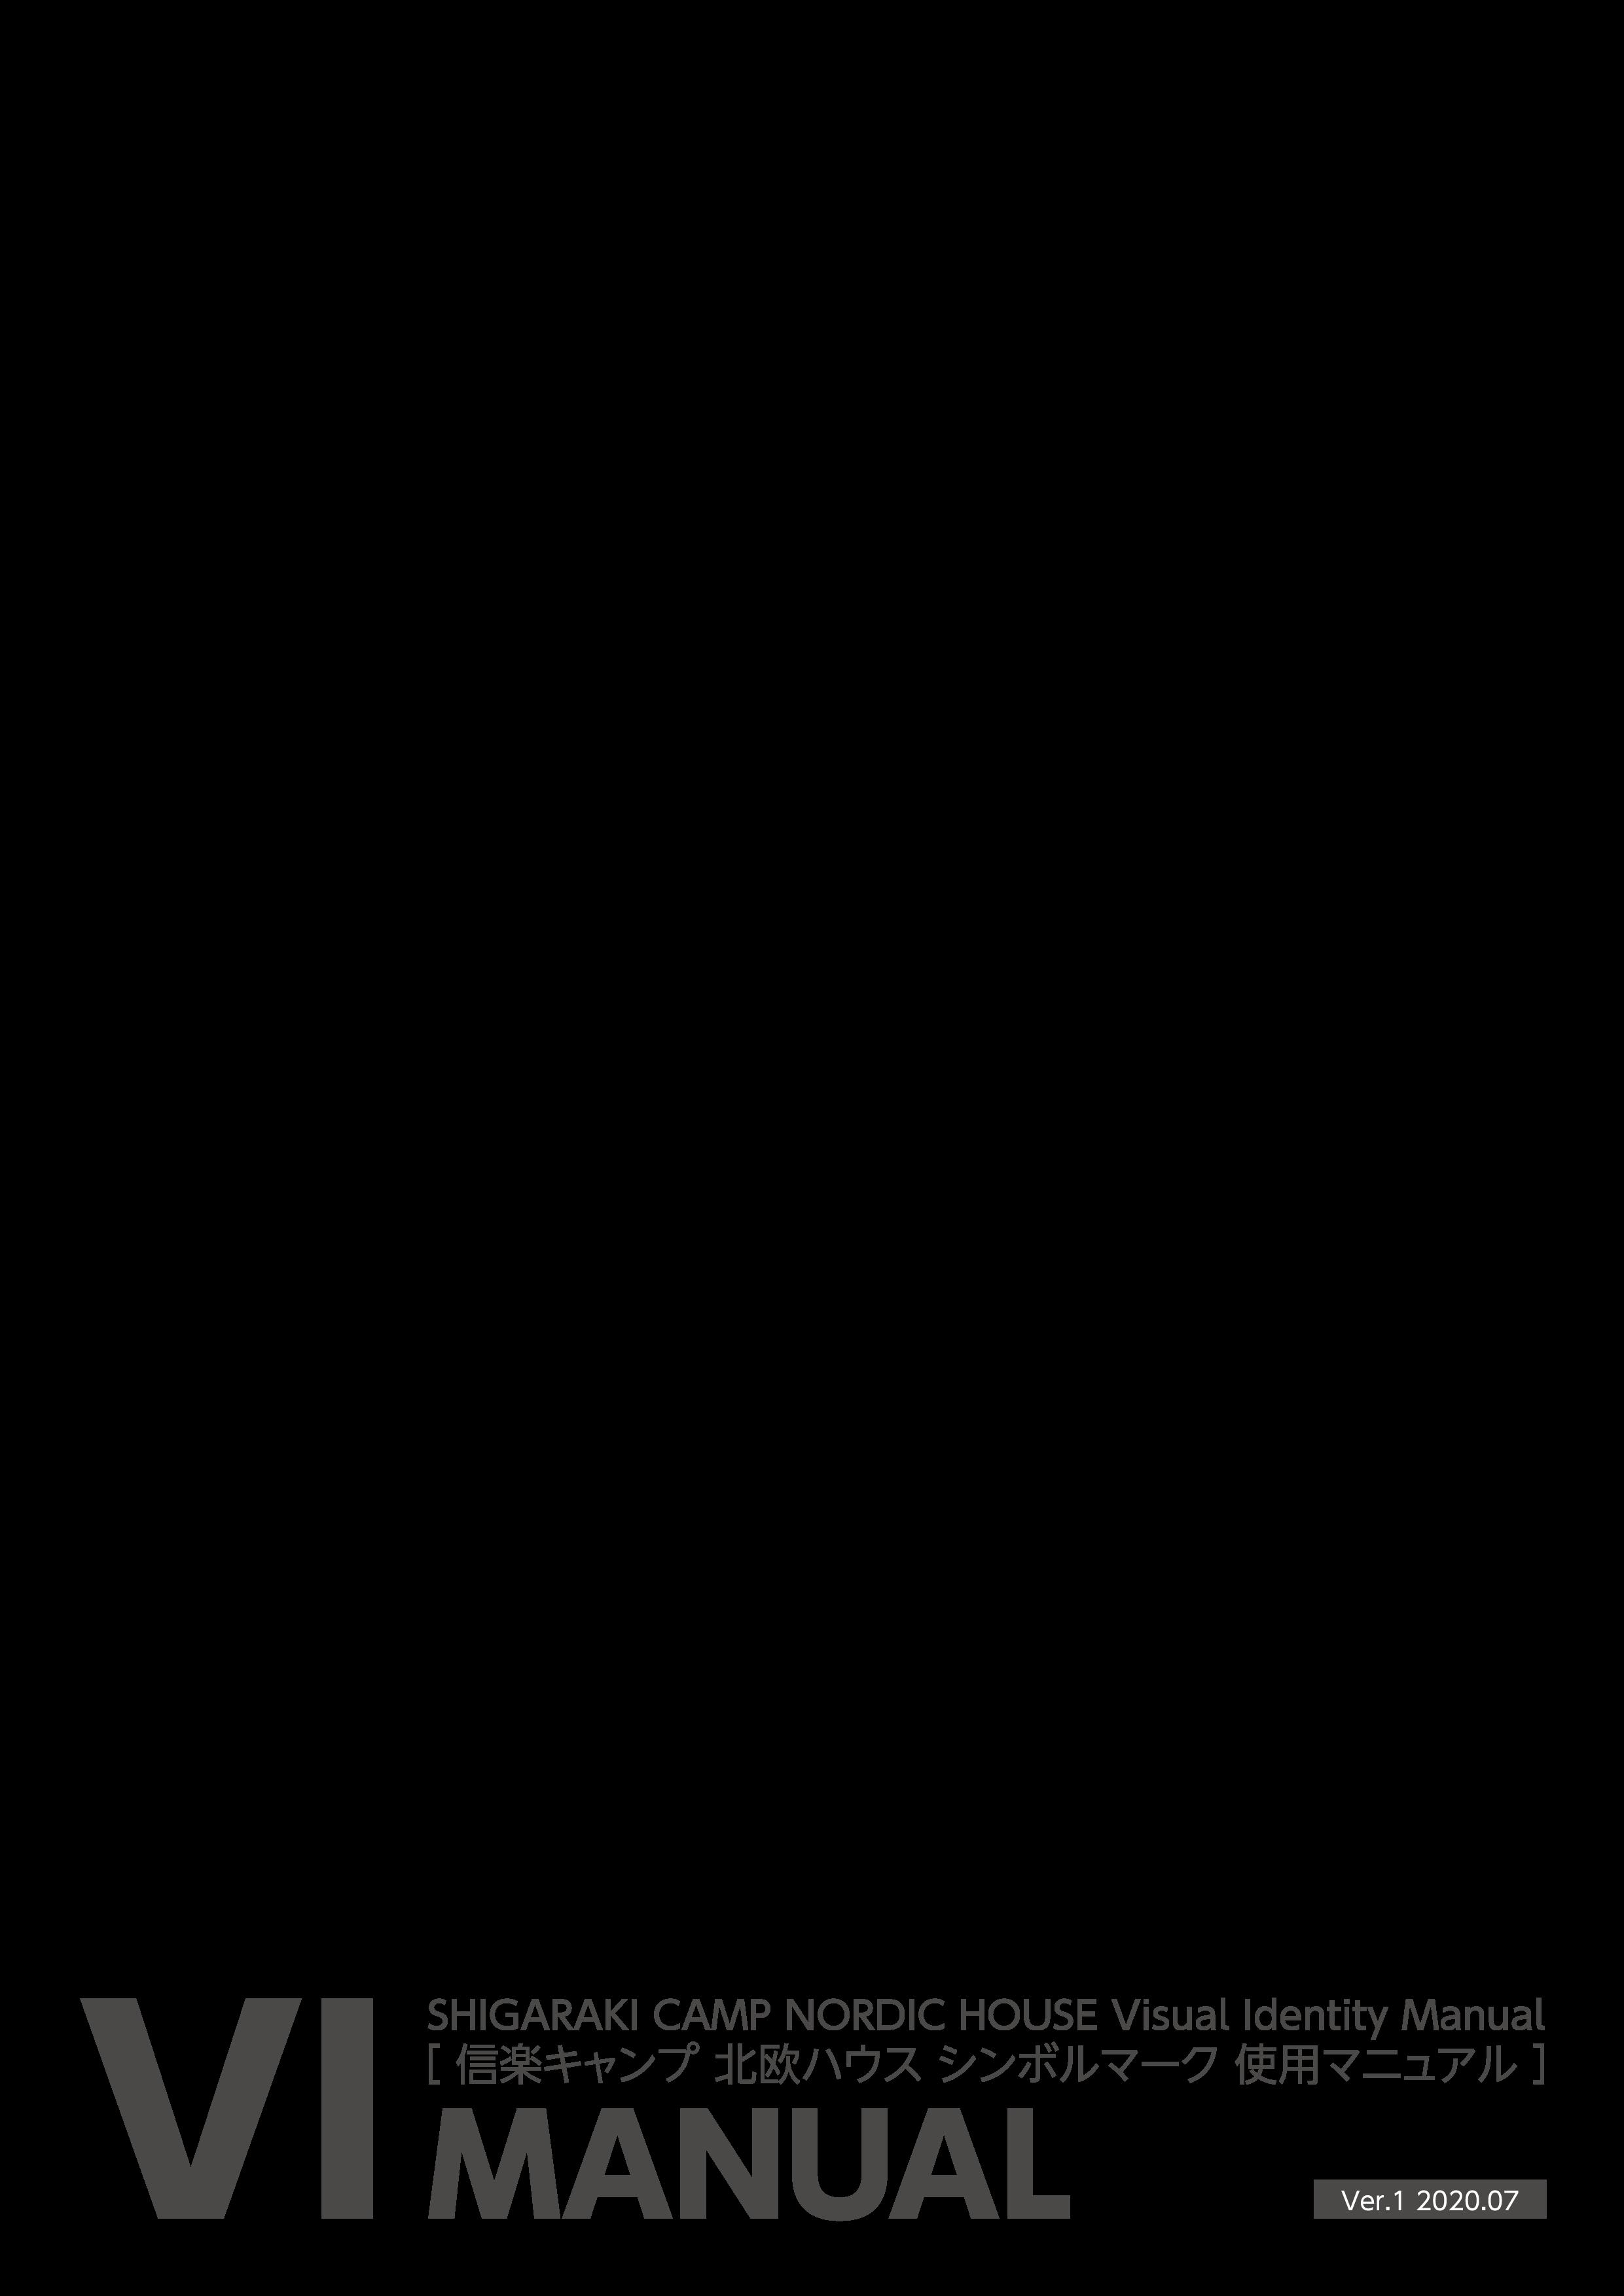 信楽キャンプ北欧ハウス ロゴマーク02